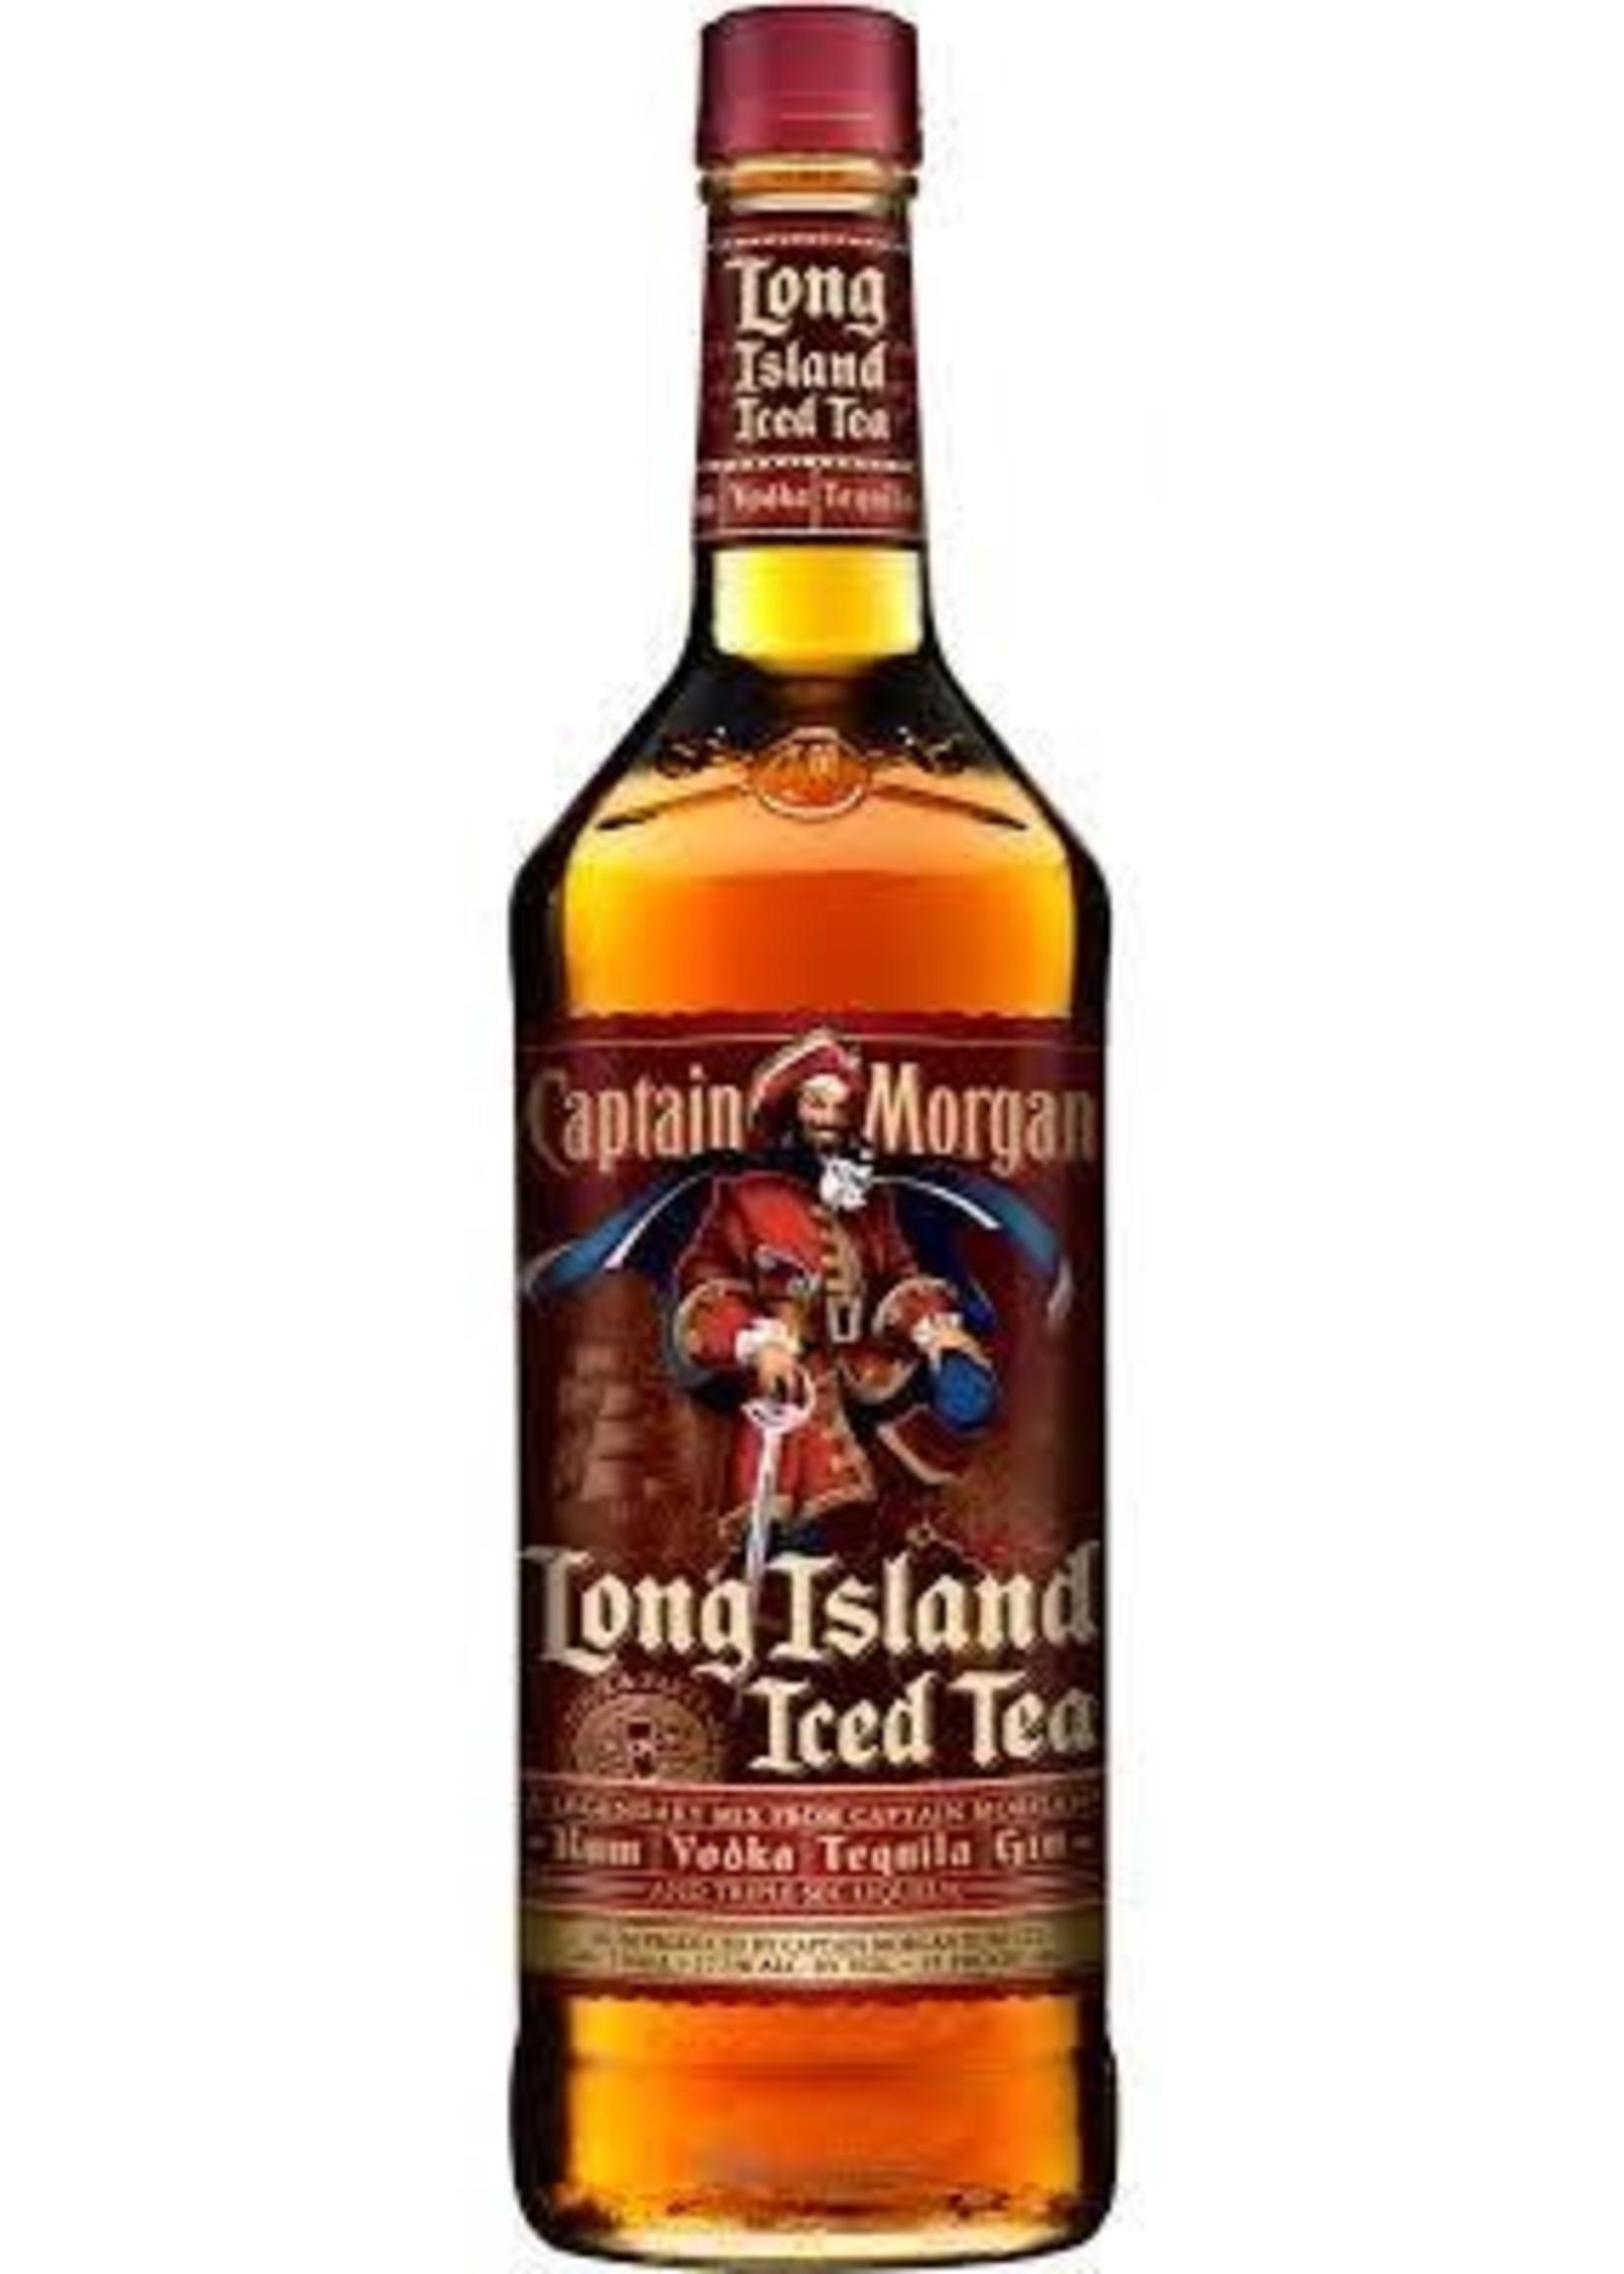 Captain Morgan Captain Morgan / Long Island Iced Tea